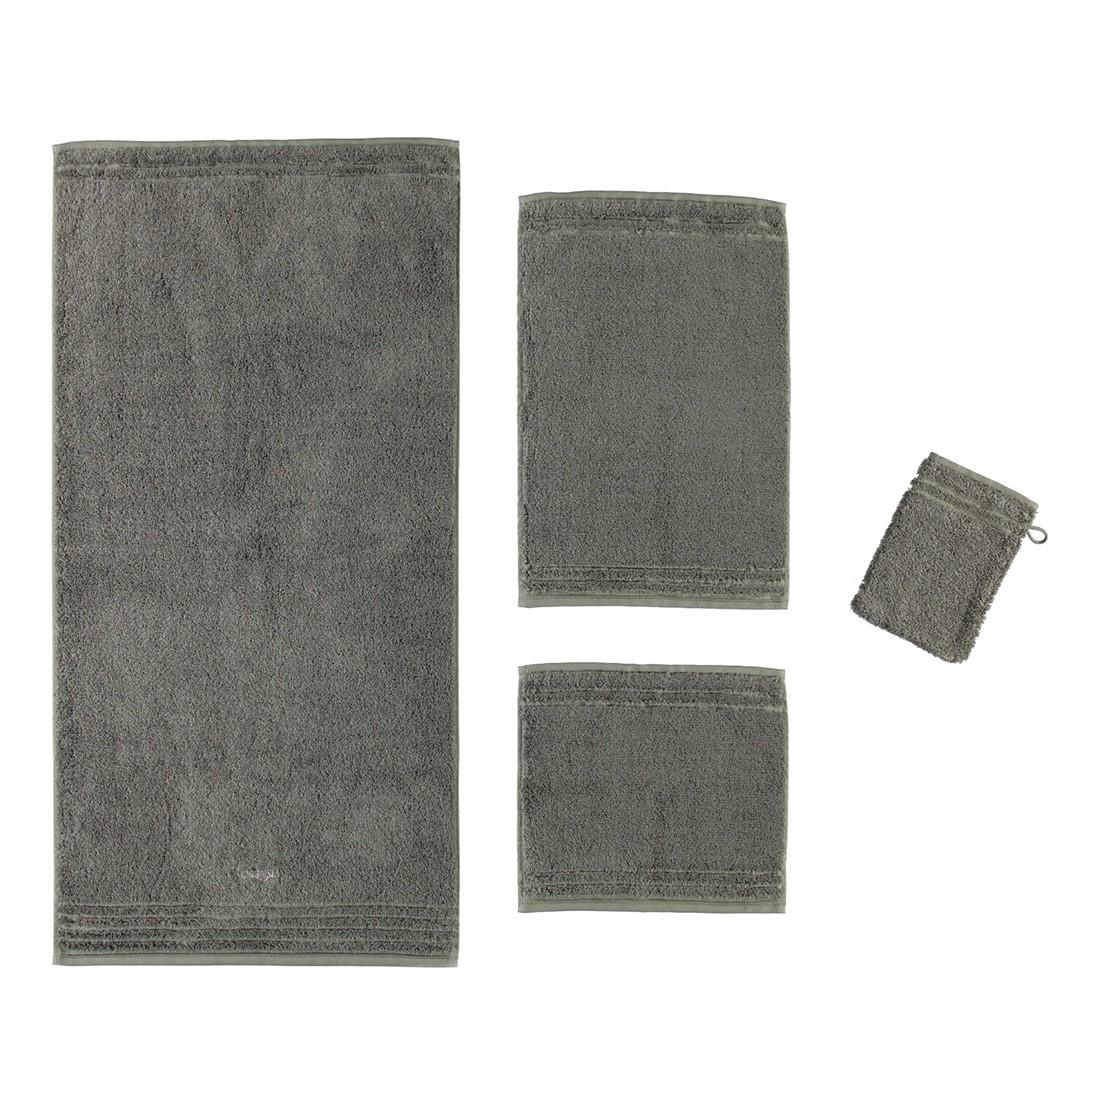 Handtuch Vienna Style Supersoft – 100% Baumwolle slate grey – 742 – Handtuch: 50 x 100 cm, Vossen jetzt bestellen